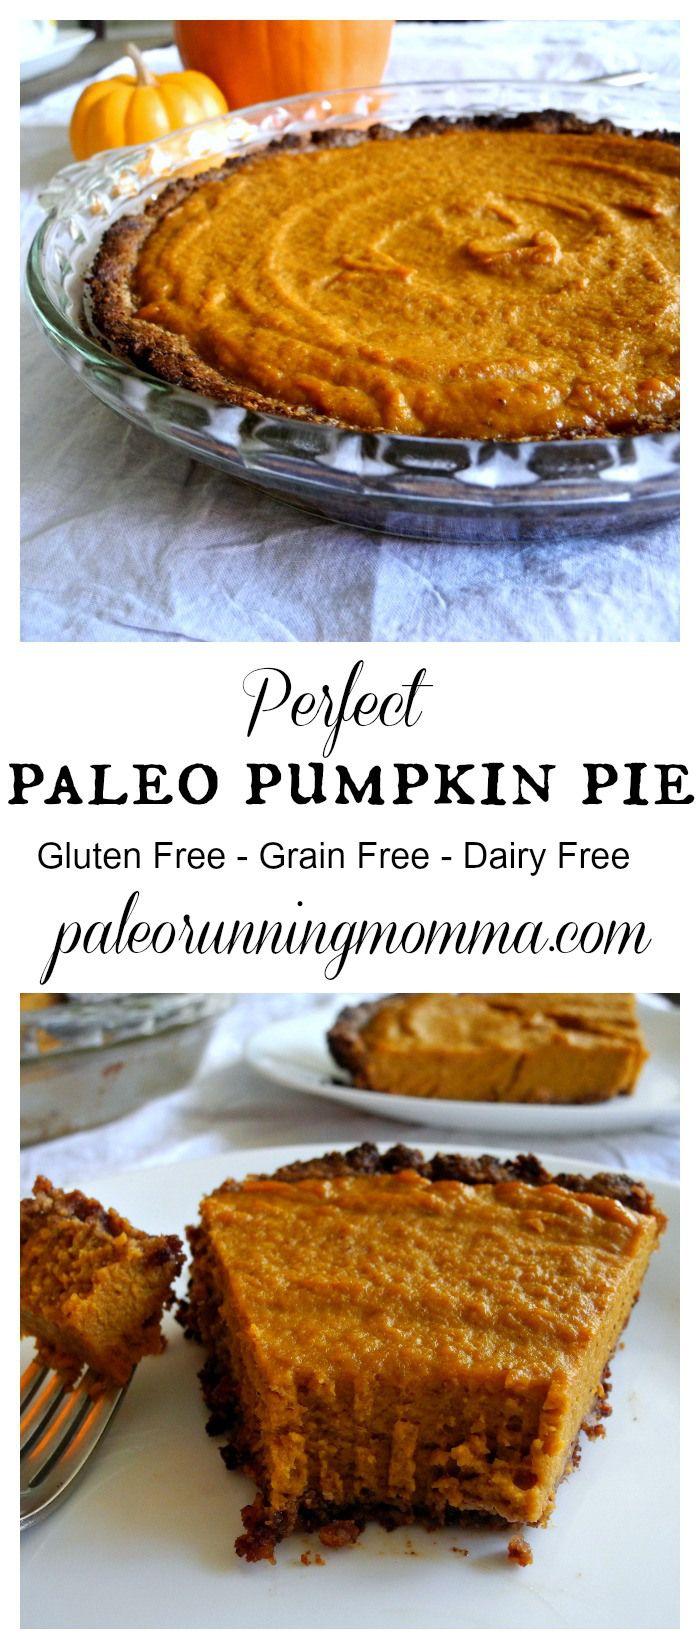 Perfect paleo pumpkin pie #grainfree #glutenfree #dairyfree